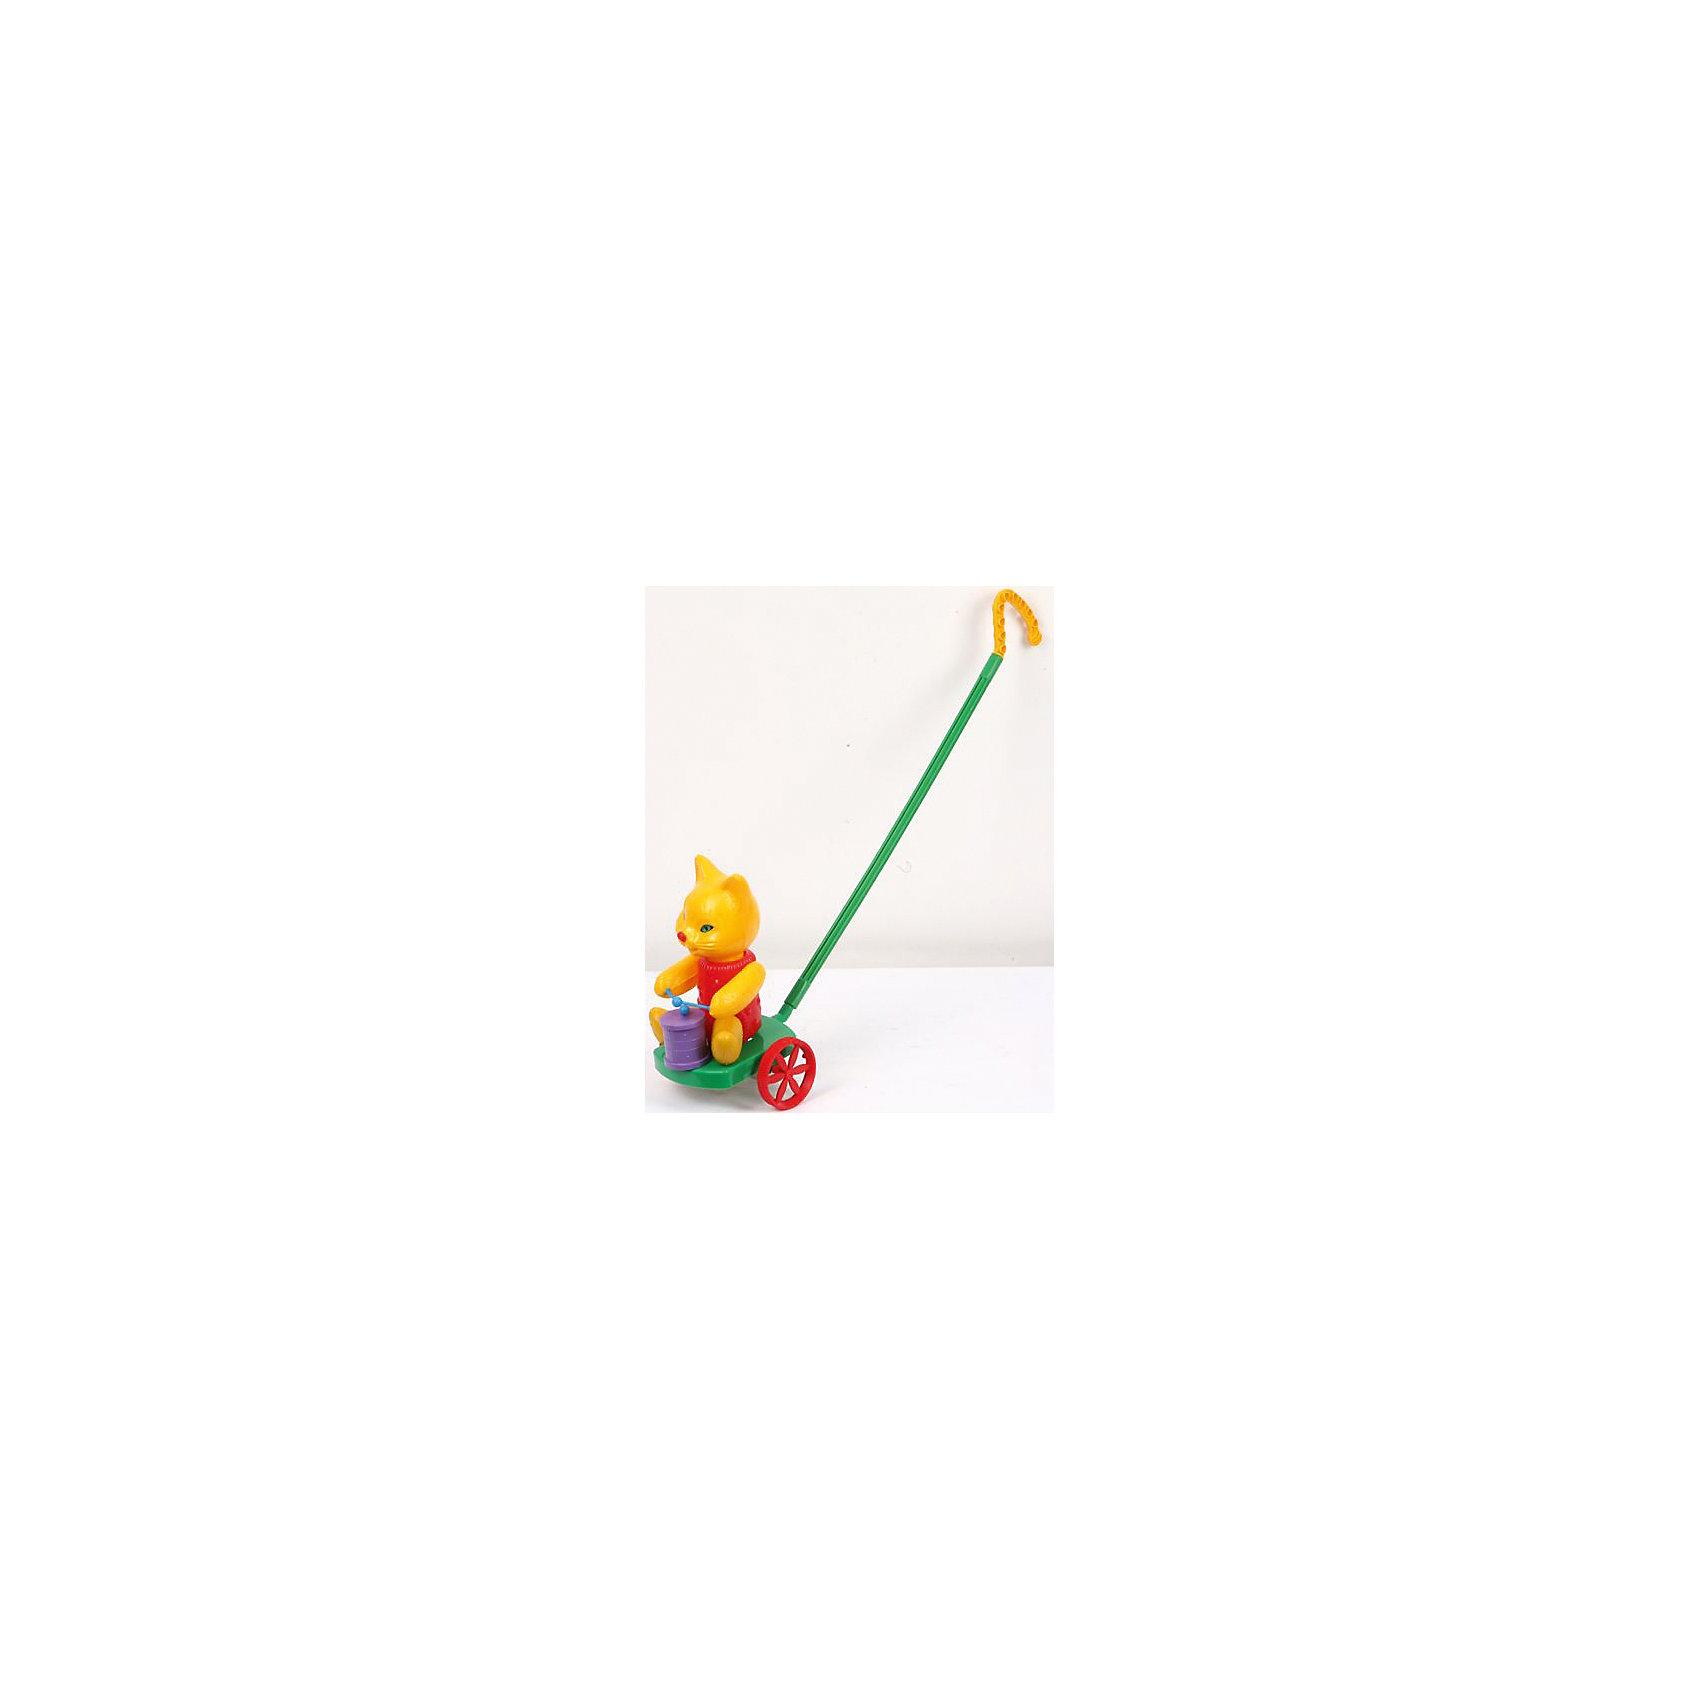 Каталка Кот с барабаном, Madex toysИгрушки-каталки<br>Яркая игрушка-каталка создана специально для деток, которые уже умеет или только начали ходить! <br><br>Дополнительная информация:<br><br>- Возраст: от 2 лет.<br>- Материал: высококачественная пластмасса.<br>- Размер упаковки: 16,5х16,5х40 см.<br>- Вес в упаковке: 260 г.<br><br>Купить каталку Кот с барабаном от Madex toys, можно в нашем магазине.<br><br>Ширина мм: 165<br>Глубина мм: 165<br>Высота мм: 400<br>Вес г: 260<br>Возраст от месяцев: 24<br>Возраст до месяцев: 48<br>Пол: Унисекс<br>Возраст: Детский<br>SKU: 4879306